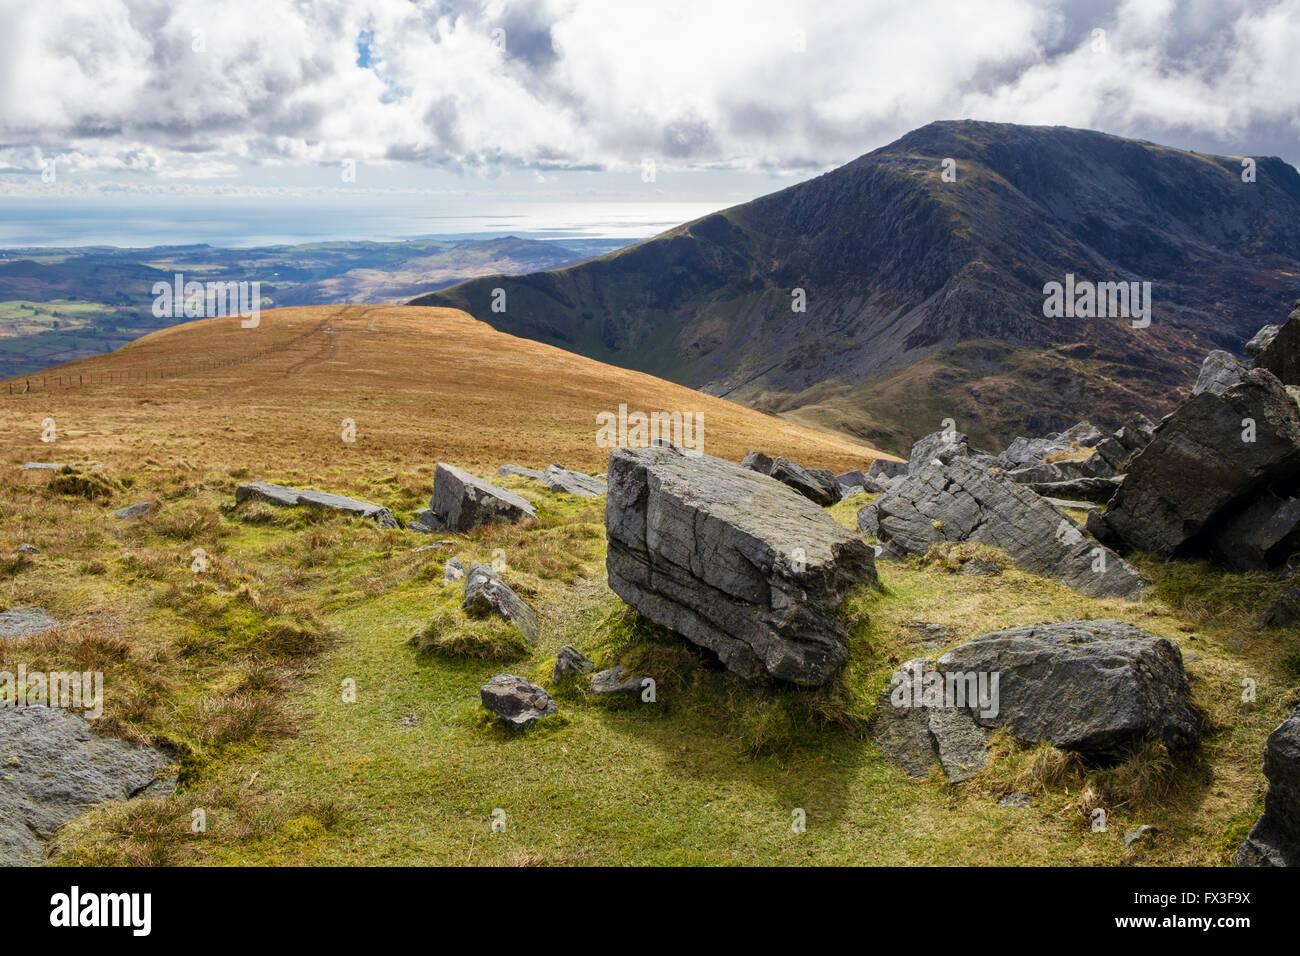 Auf der Suche nach Westen Craig Cwm Silyn und an der Küste von mynydd Tal-y-mignedd Gipfel zur Krippe Nantlle Stockbild